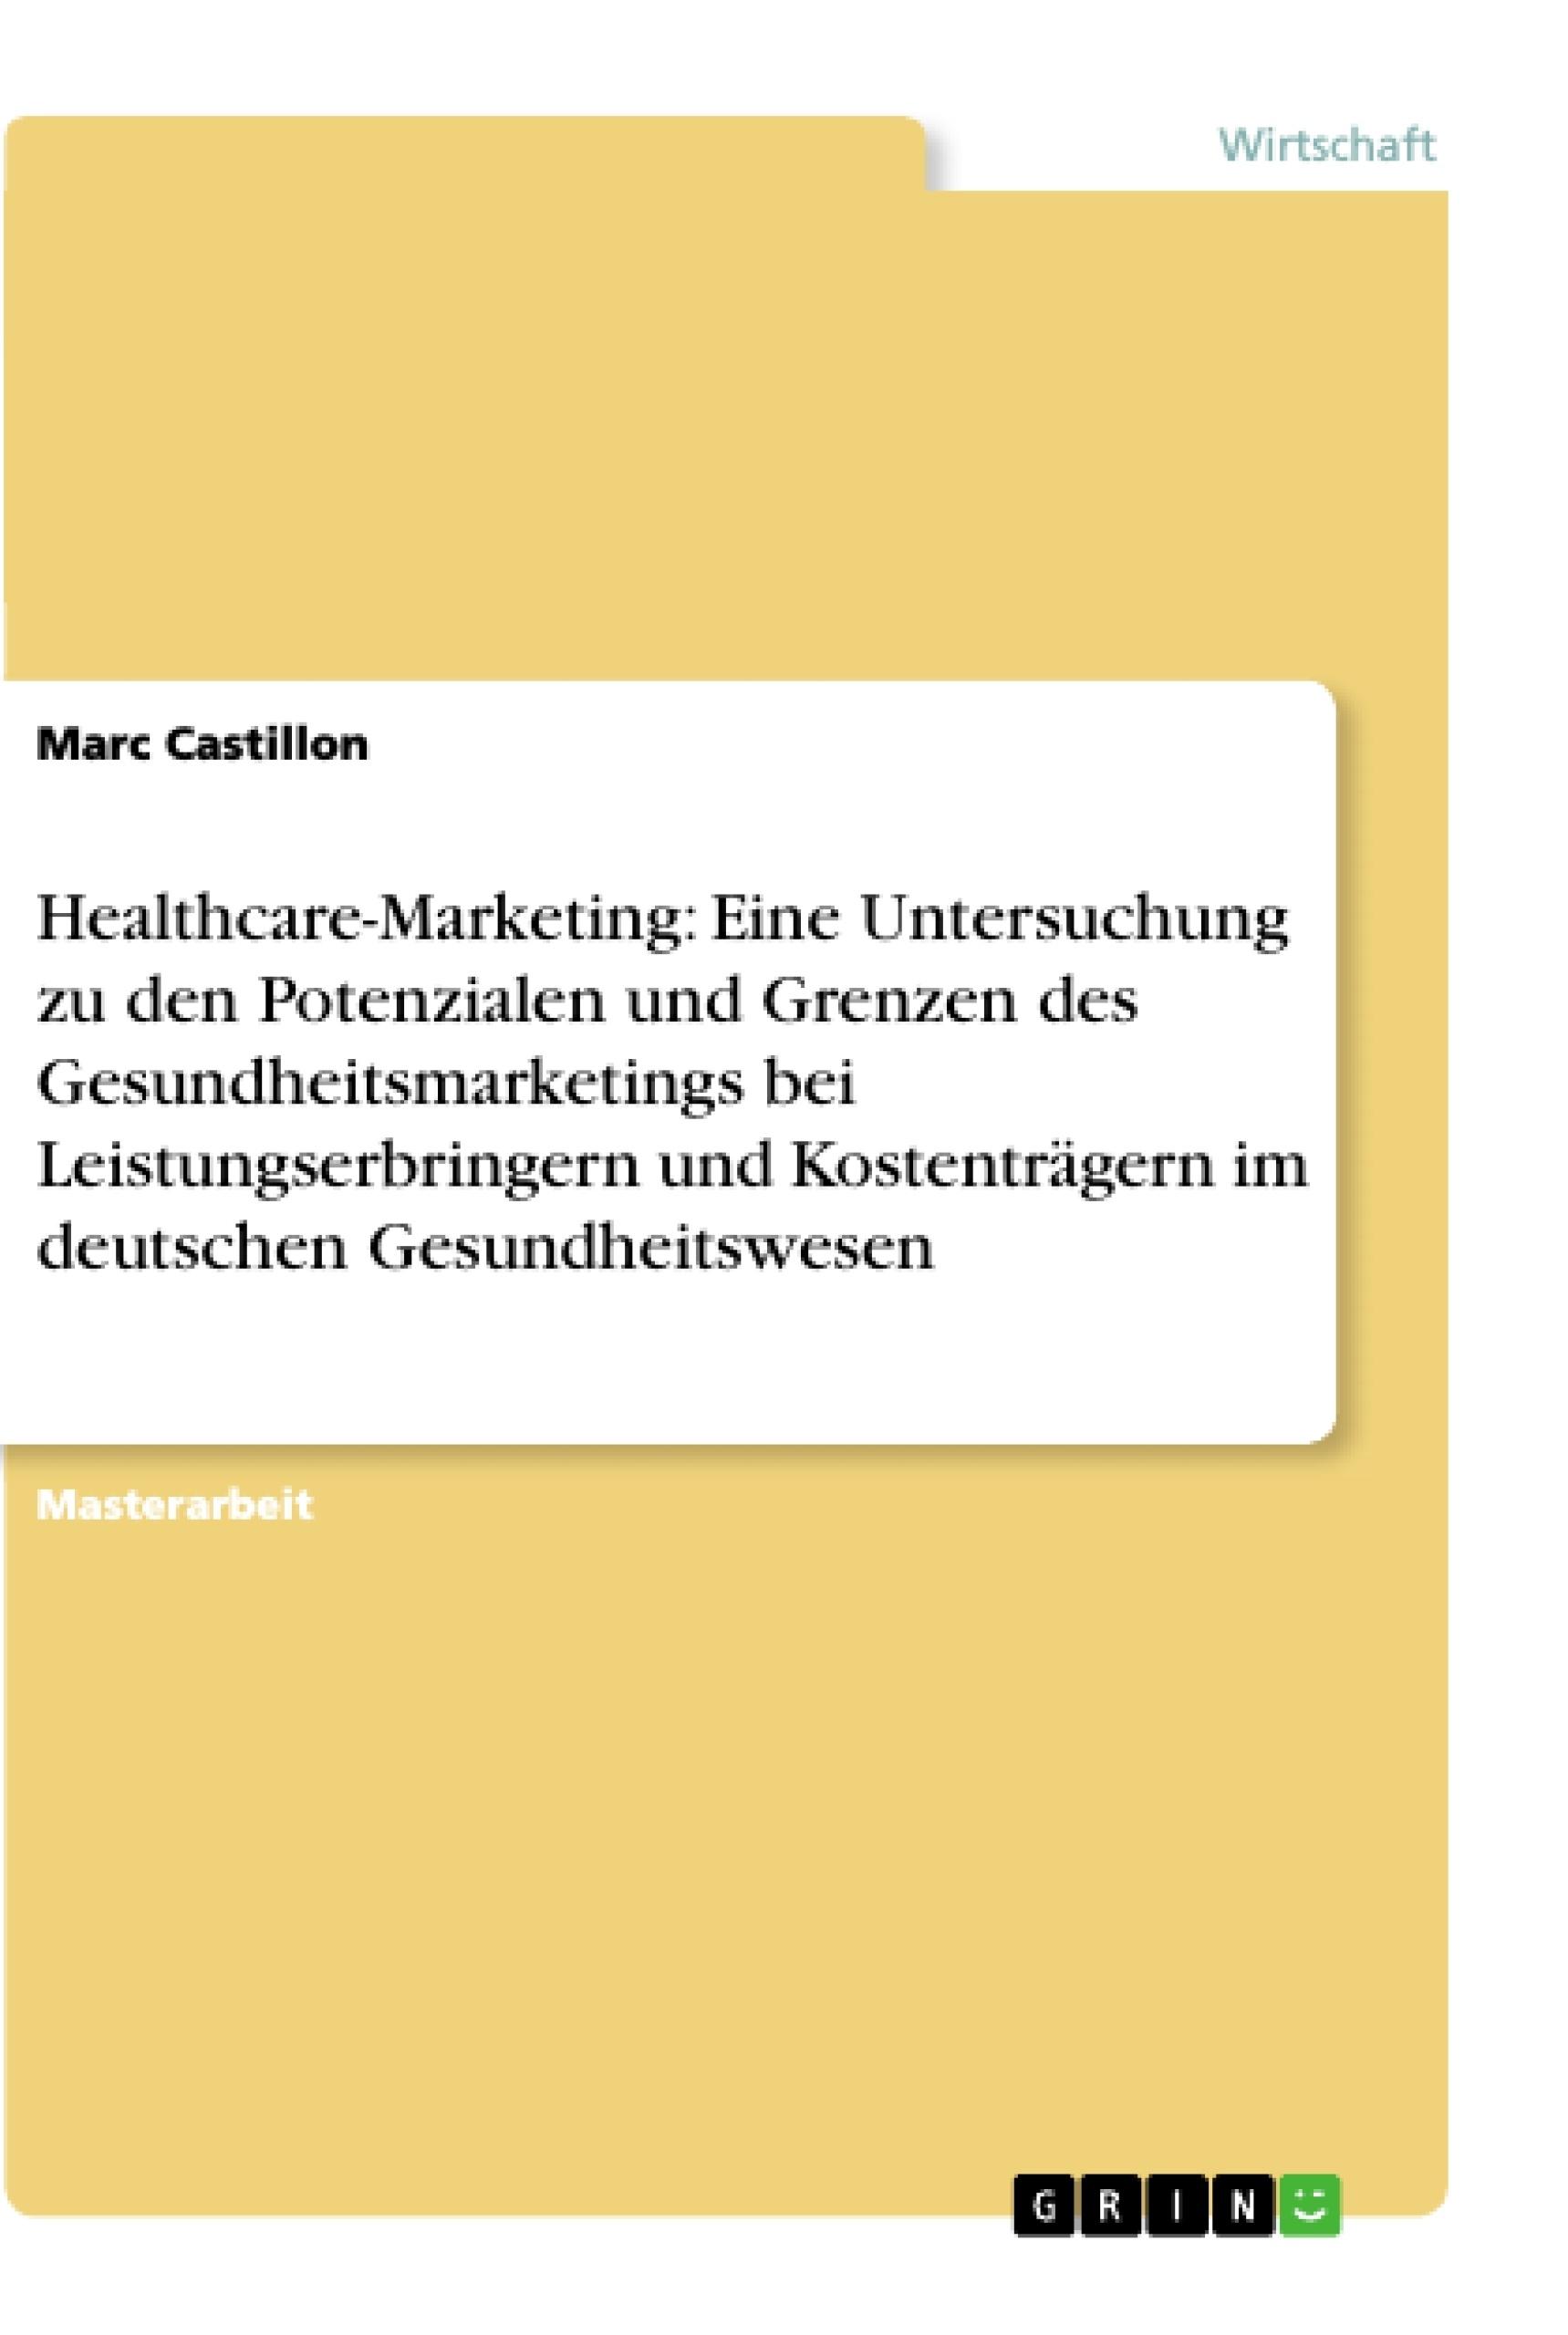 Titel: Healthcare-Marketing: Eine Untersuchung zu den Potenzialen und Grenzen des Gesundheitsmarketings bei Leistungserbringern und Kostenträgern im deutschen Gesundheitswesen